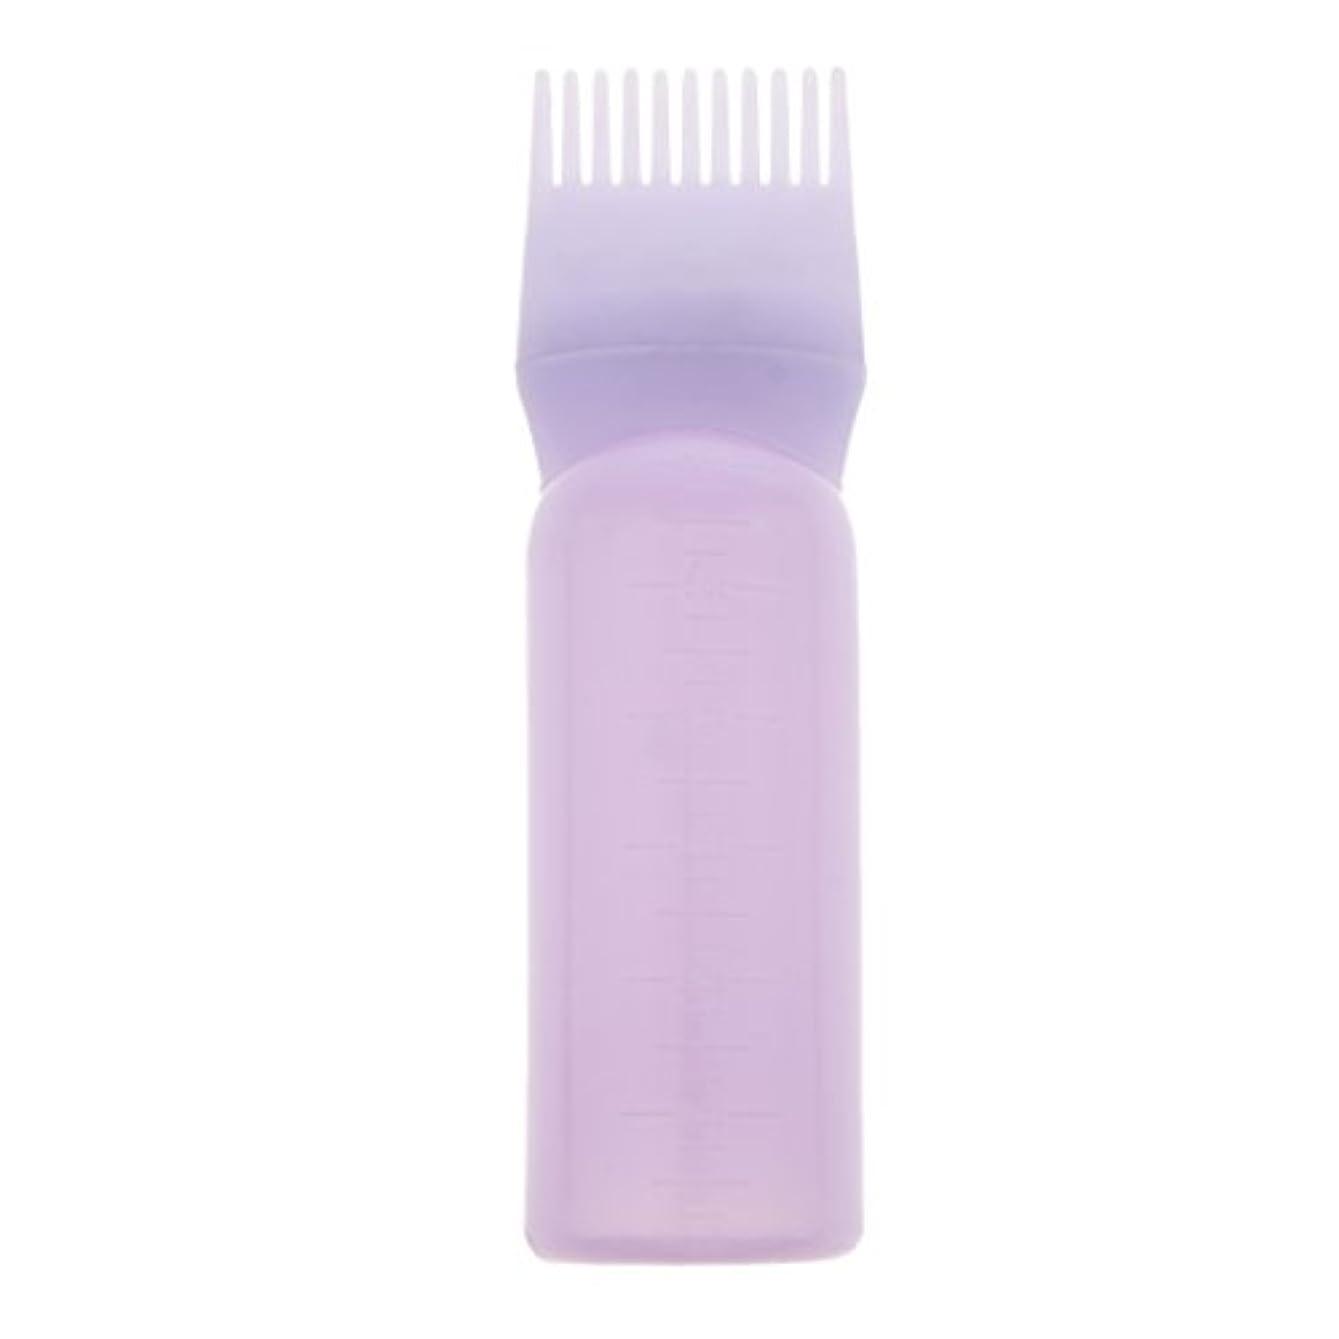 表向き速度厳ルートコームヘアダイボトルアプリケーターサロンヘアカラーディスペンサーブラシ(120ml) - 紫